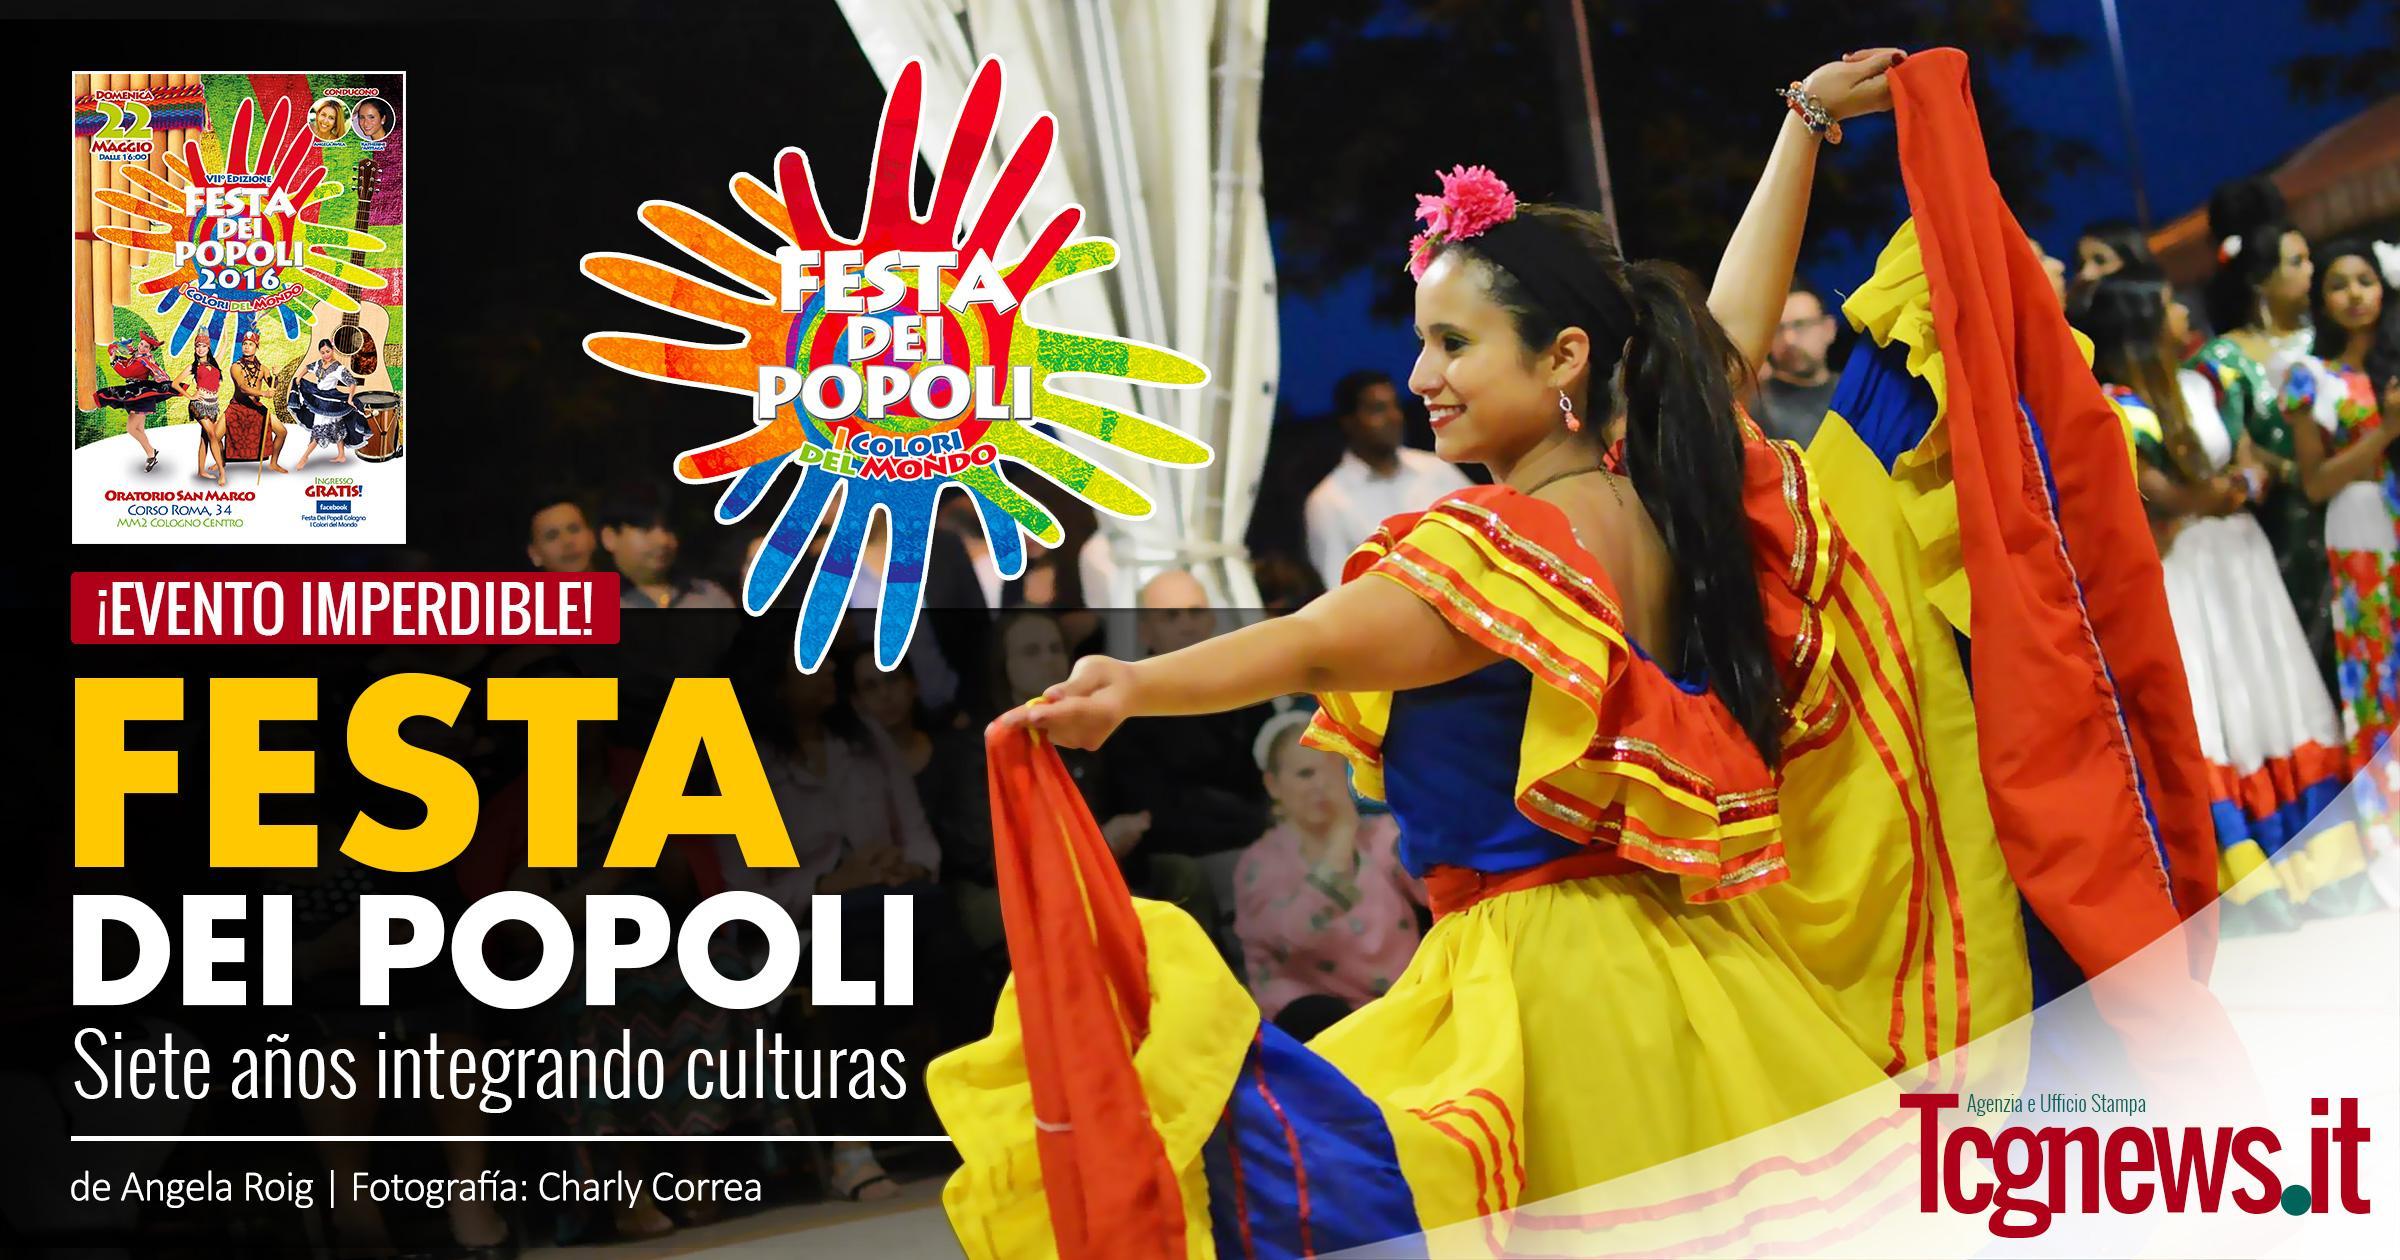 La Festa dei Popoli, siete años integrando culturas